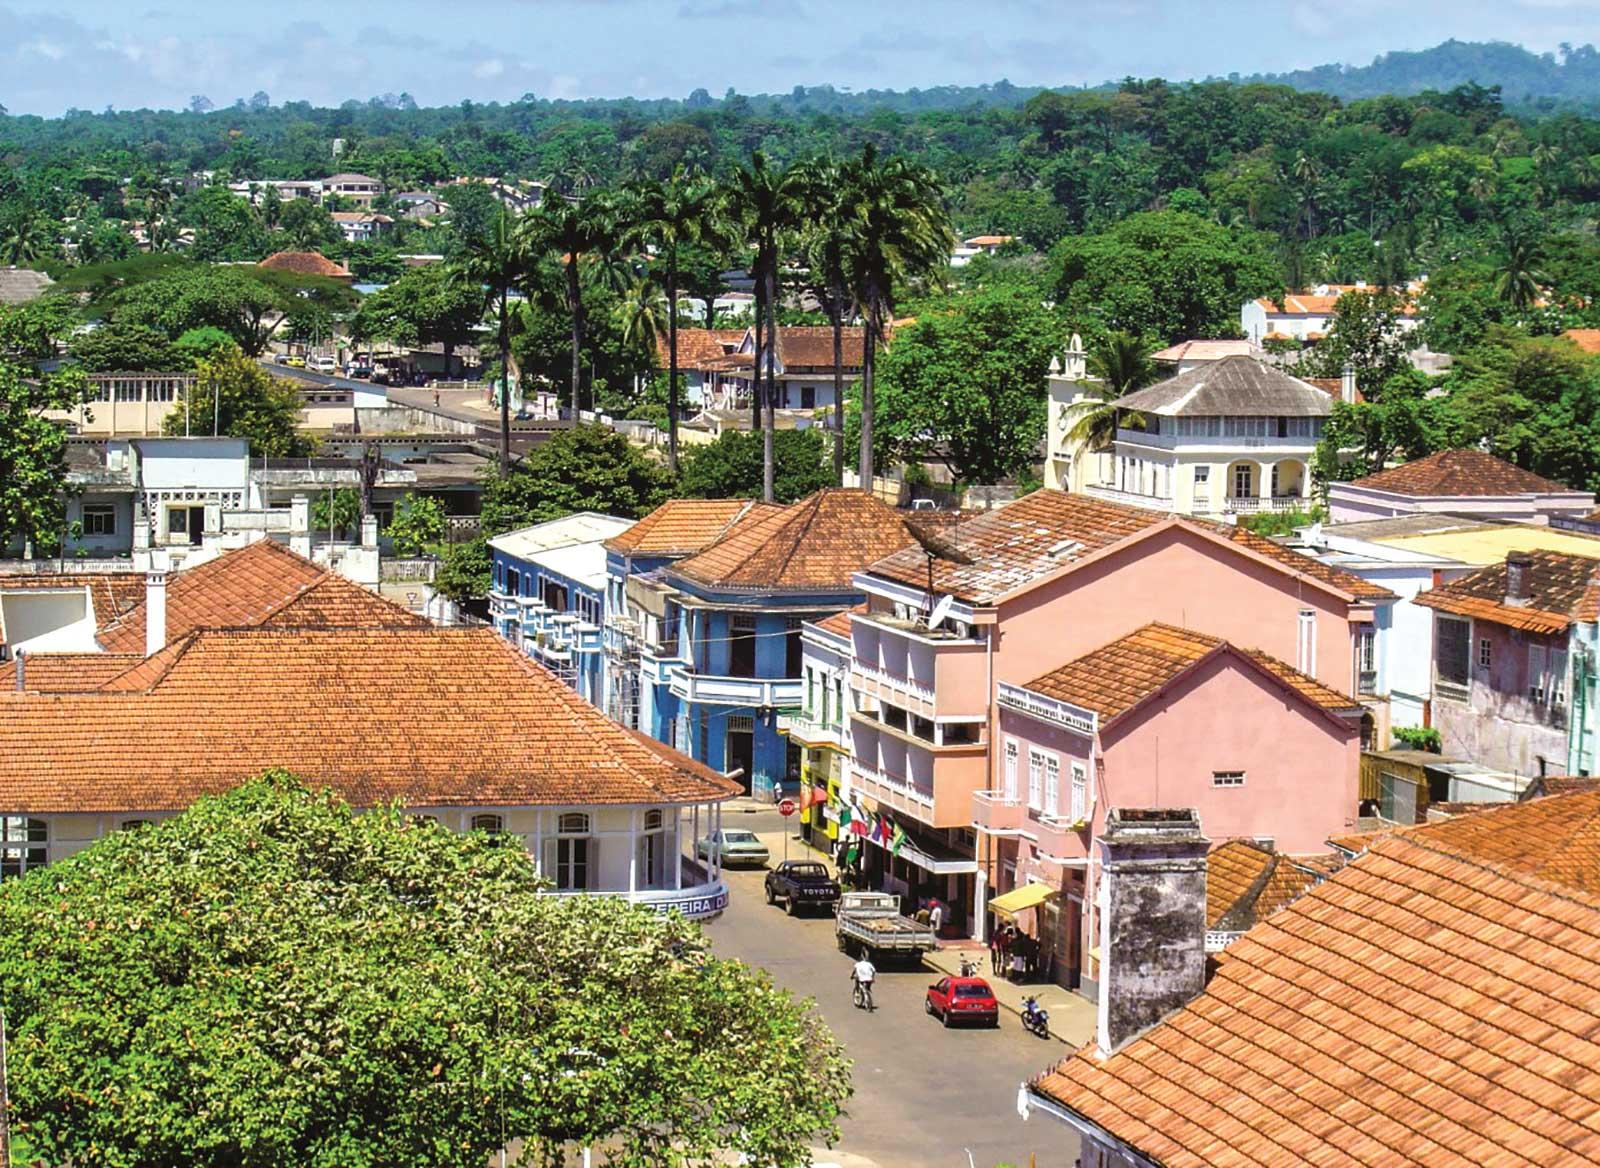 Tour de ville de São Tomé, Excursion d'une occasion unique pour un premier contact avec la vie et l'histoire santoméennes